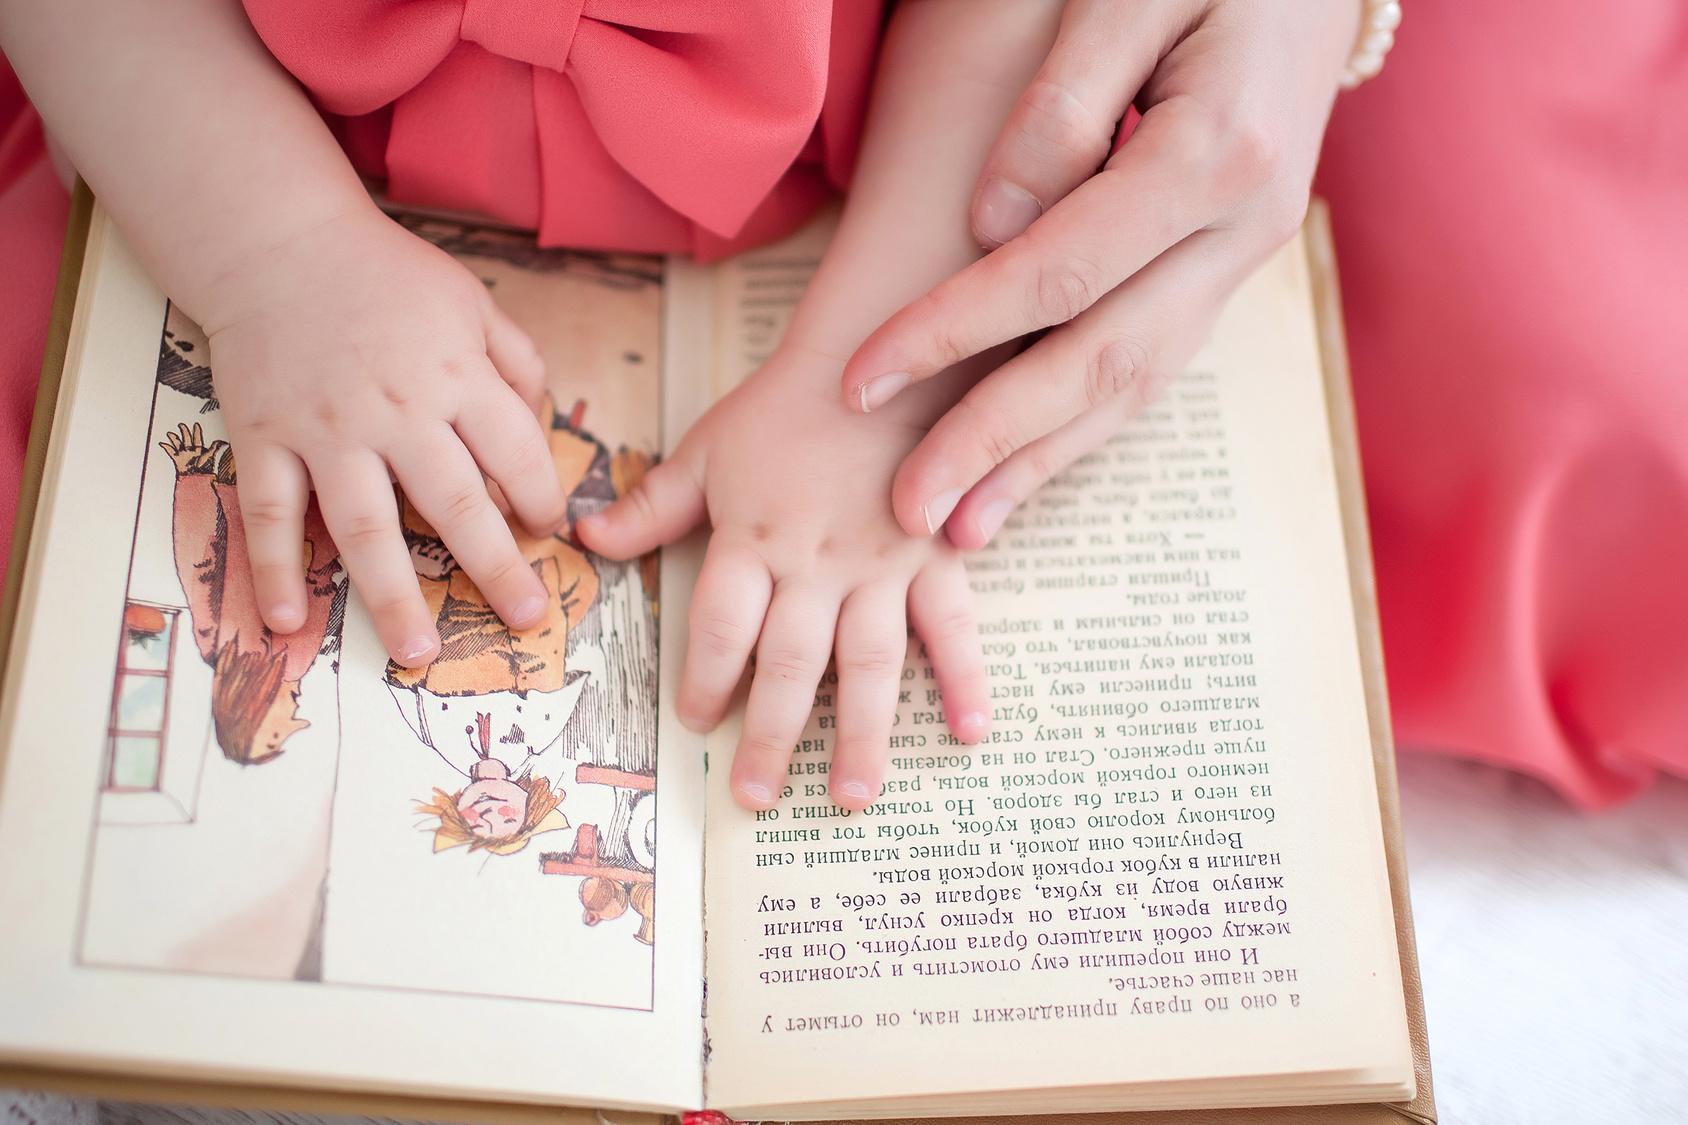 Manos de madre e hija sobre libro